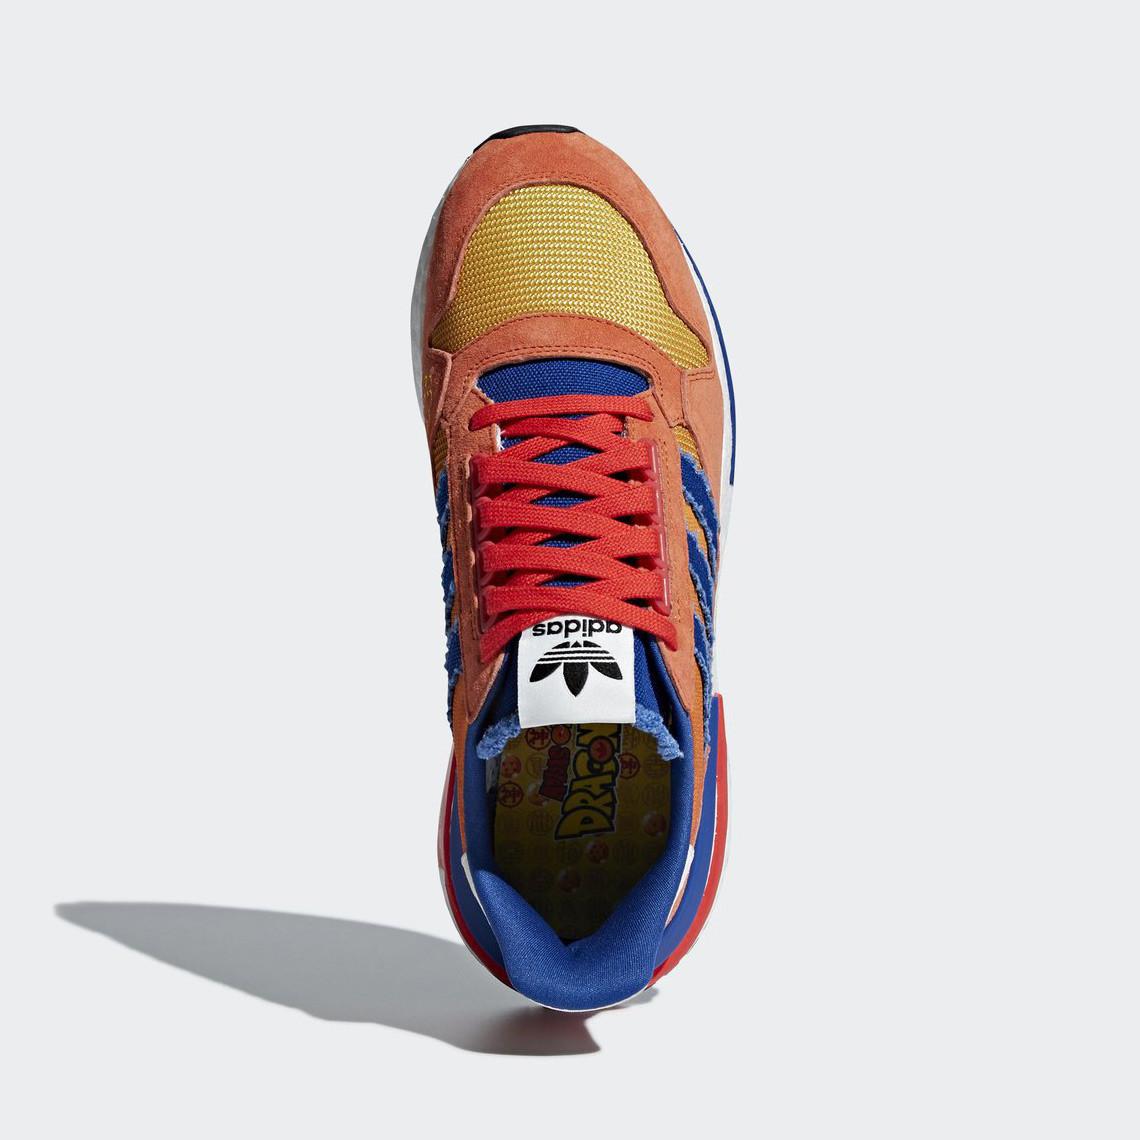 Adidas lanza las primeras zapatillas deportivas con diseños